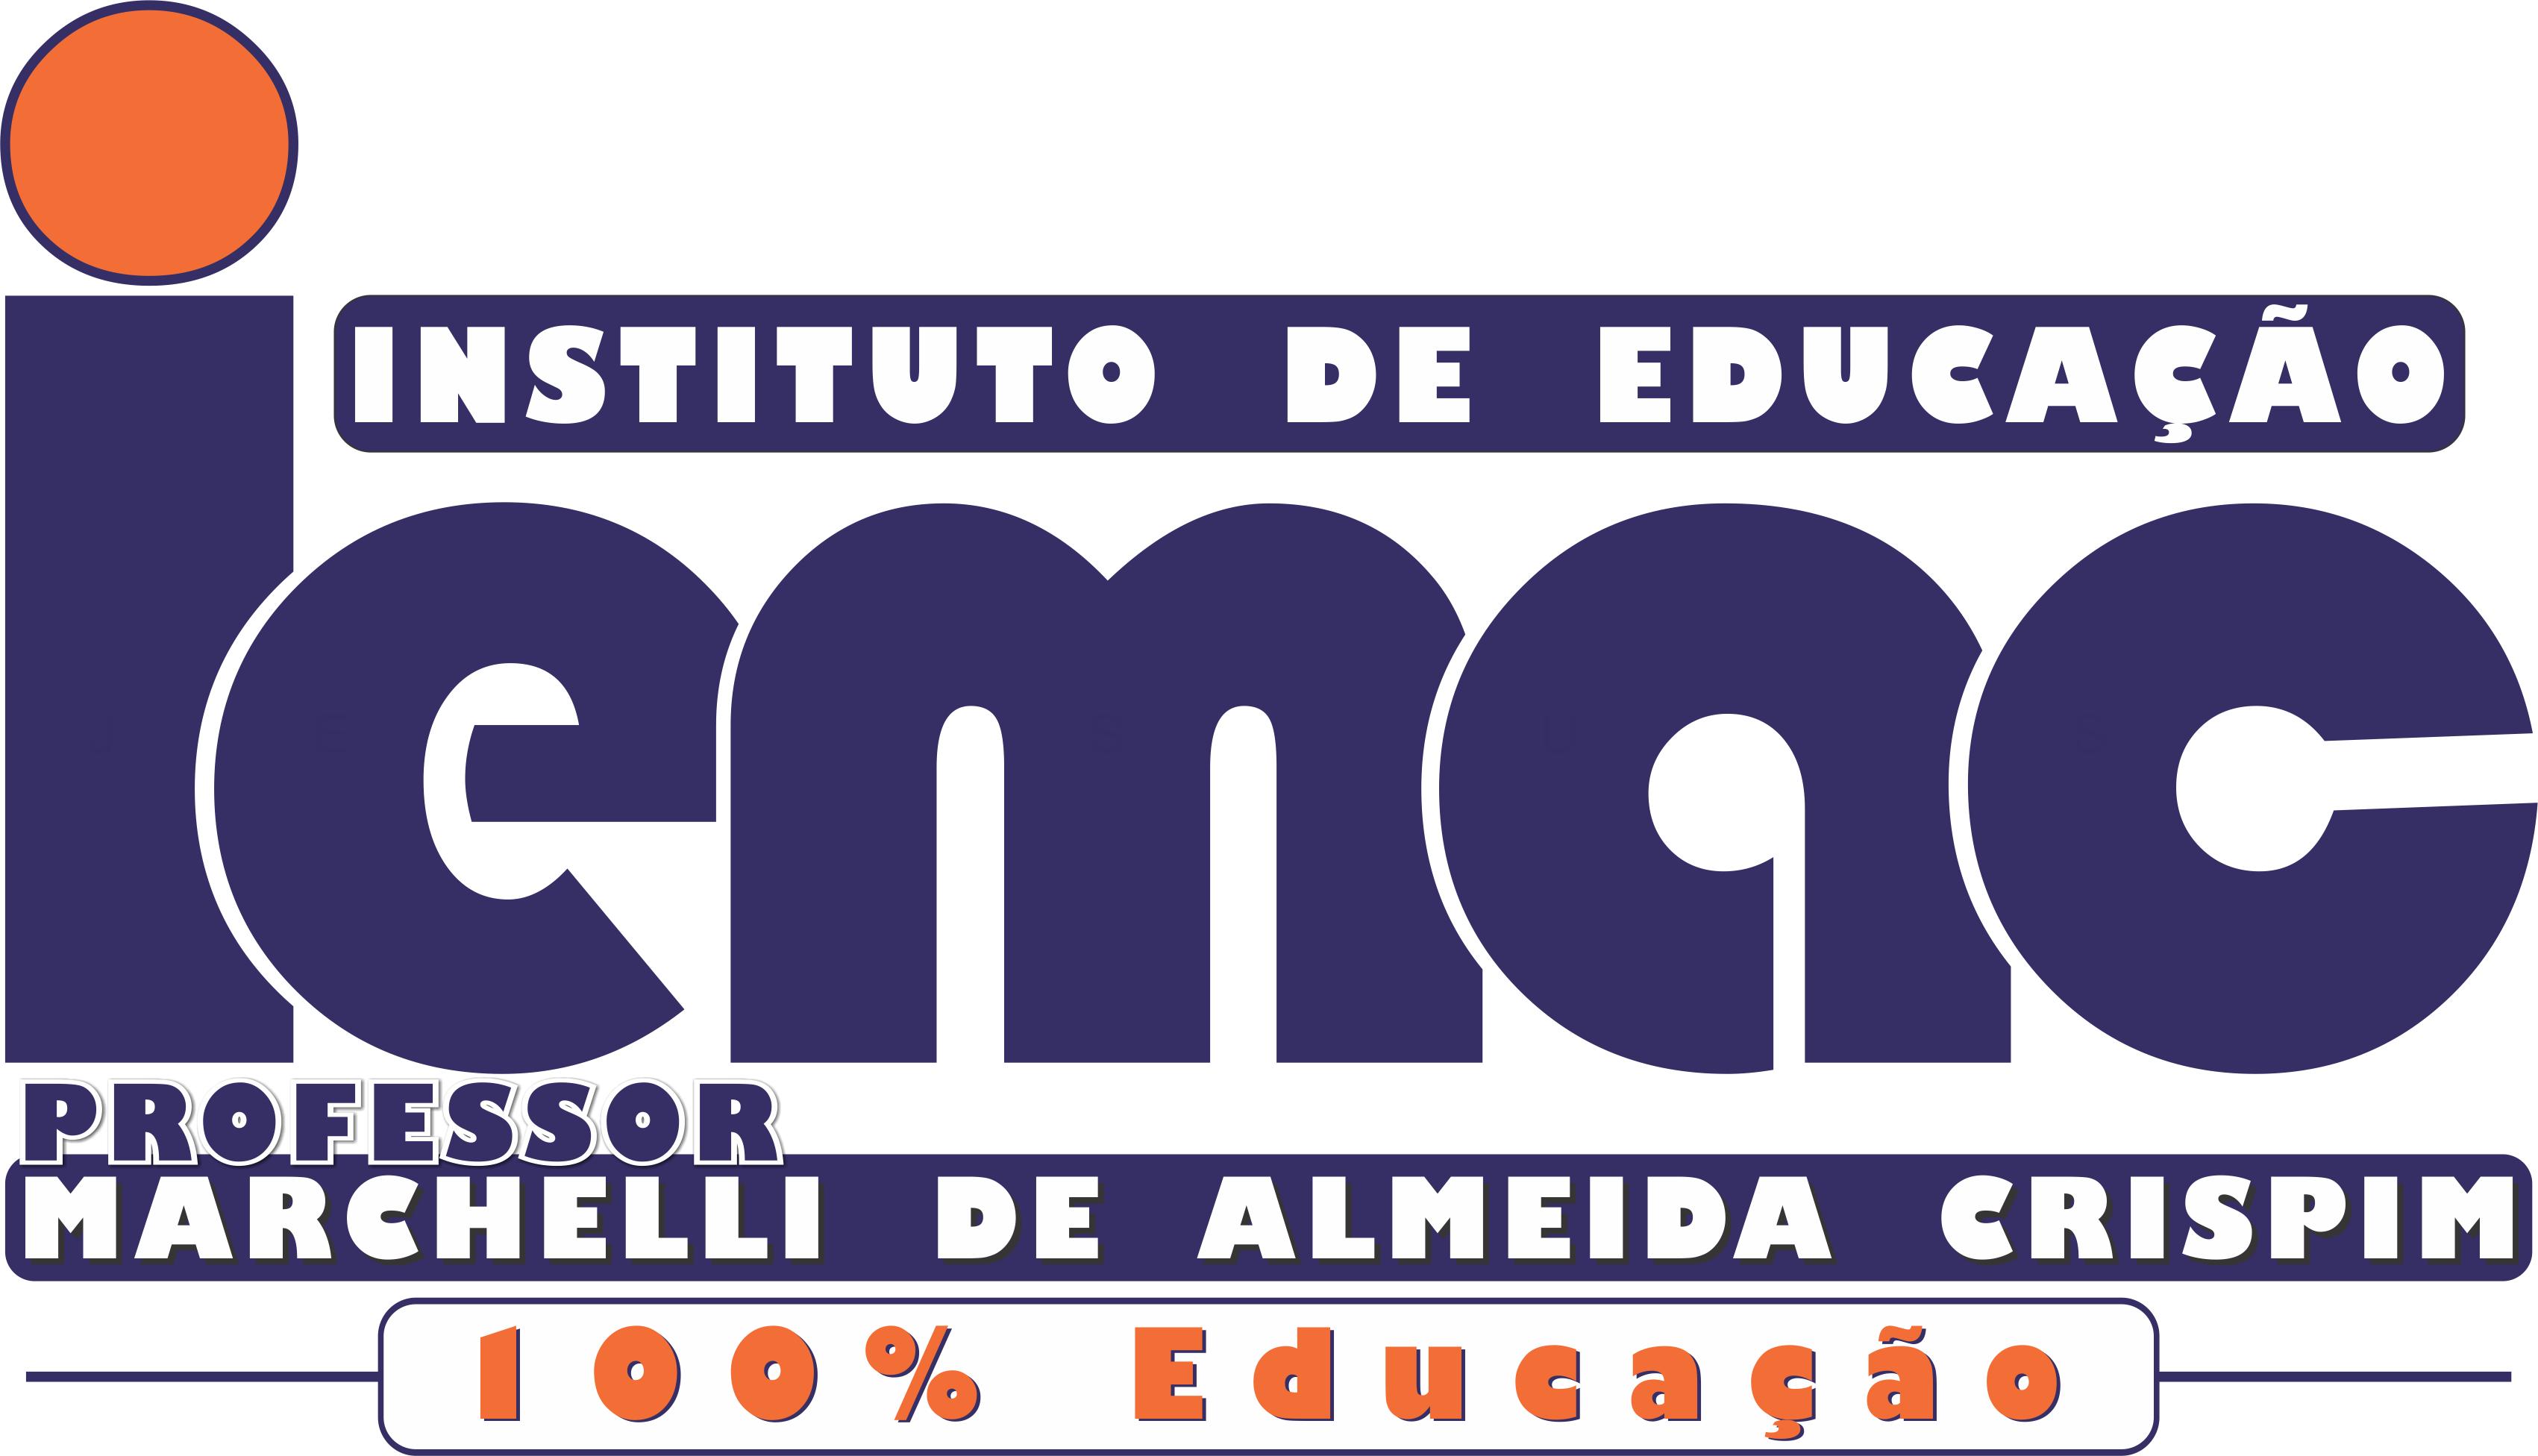 INSTITUTO DE EDUCAÇÃO PROFO MARCHELLI DE ALMEIDA CRISPIM - 3550